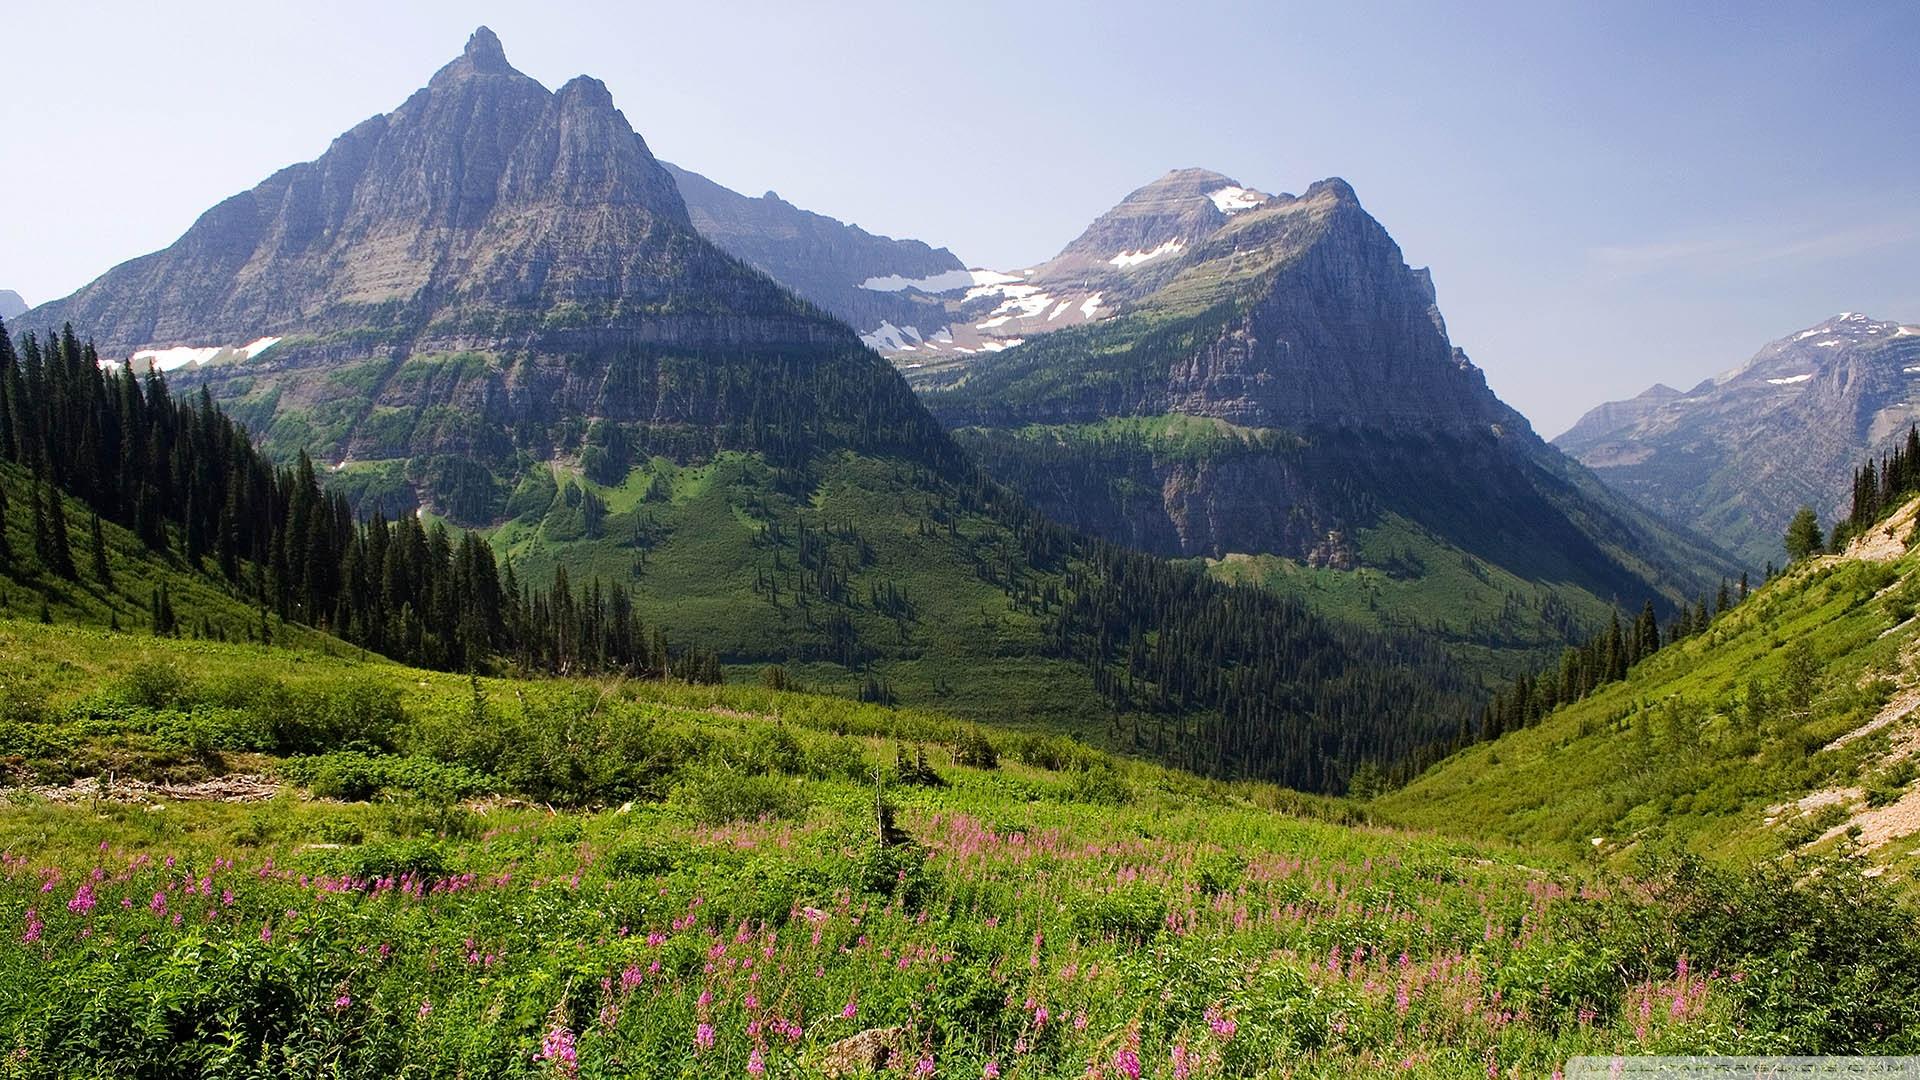 Mountain Pasture Wallpaper 1920x1080 Mountain Pasture 1920x1080